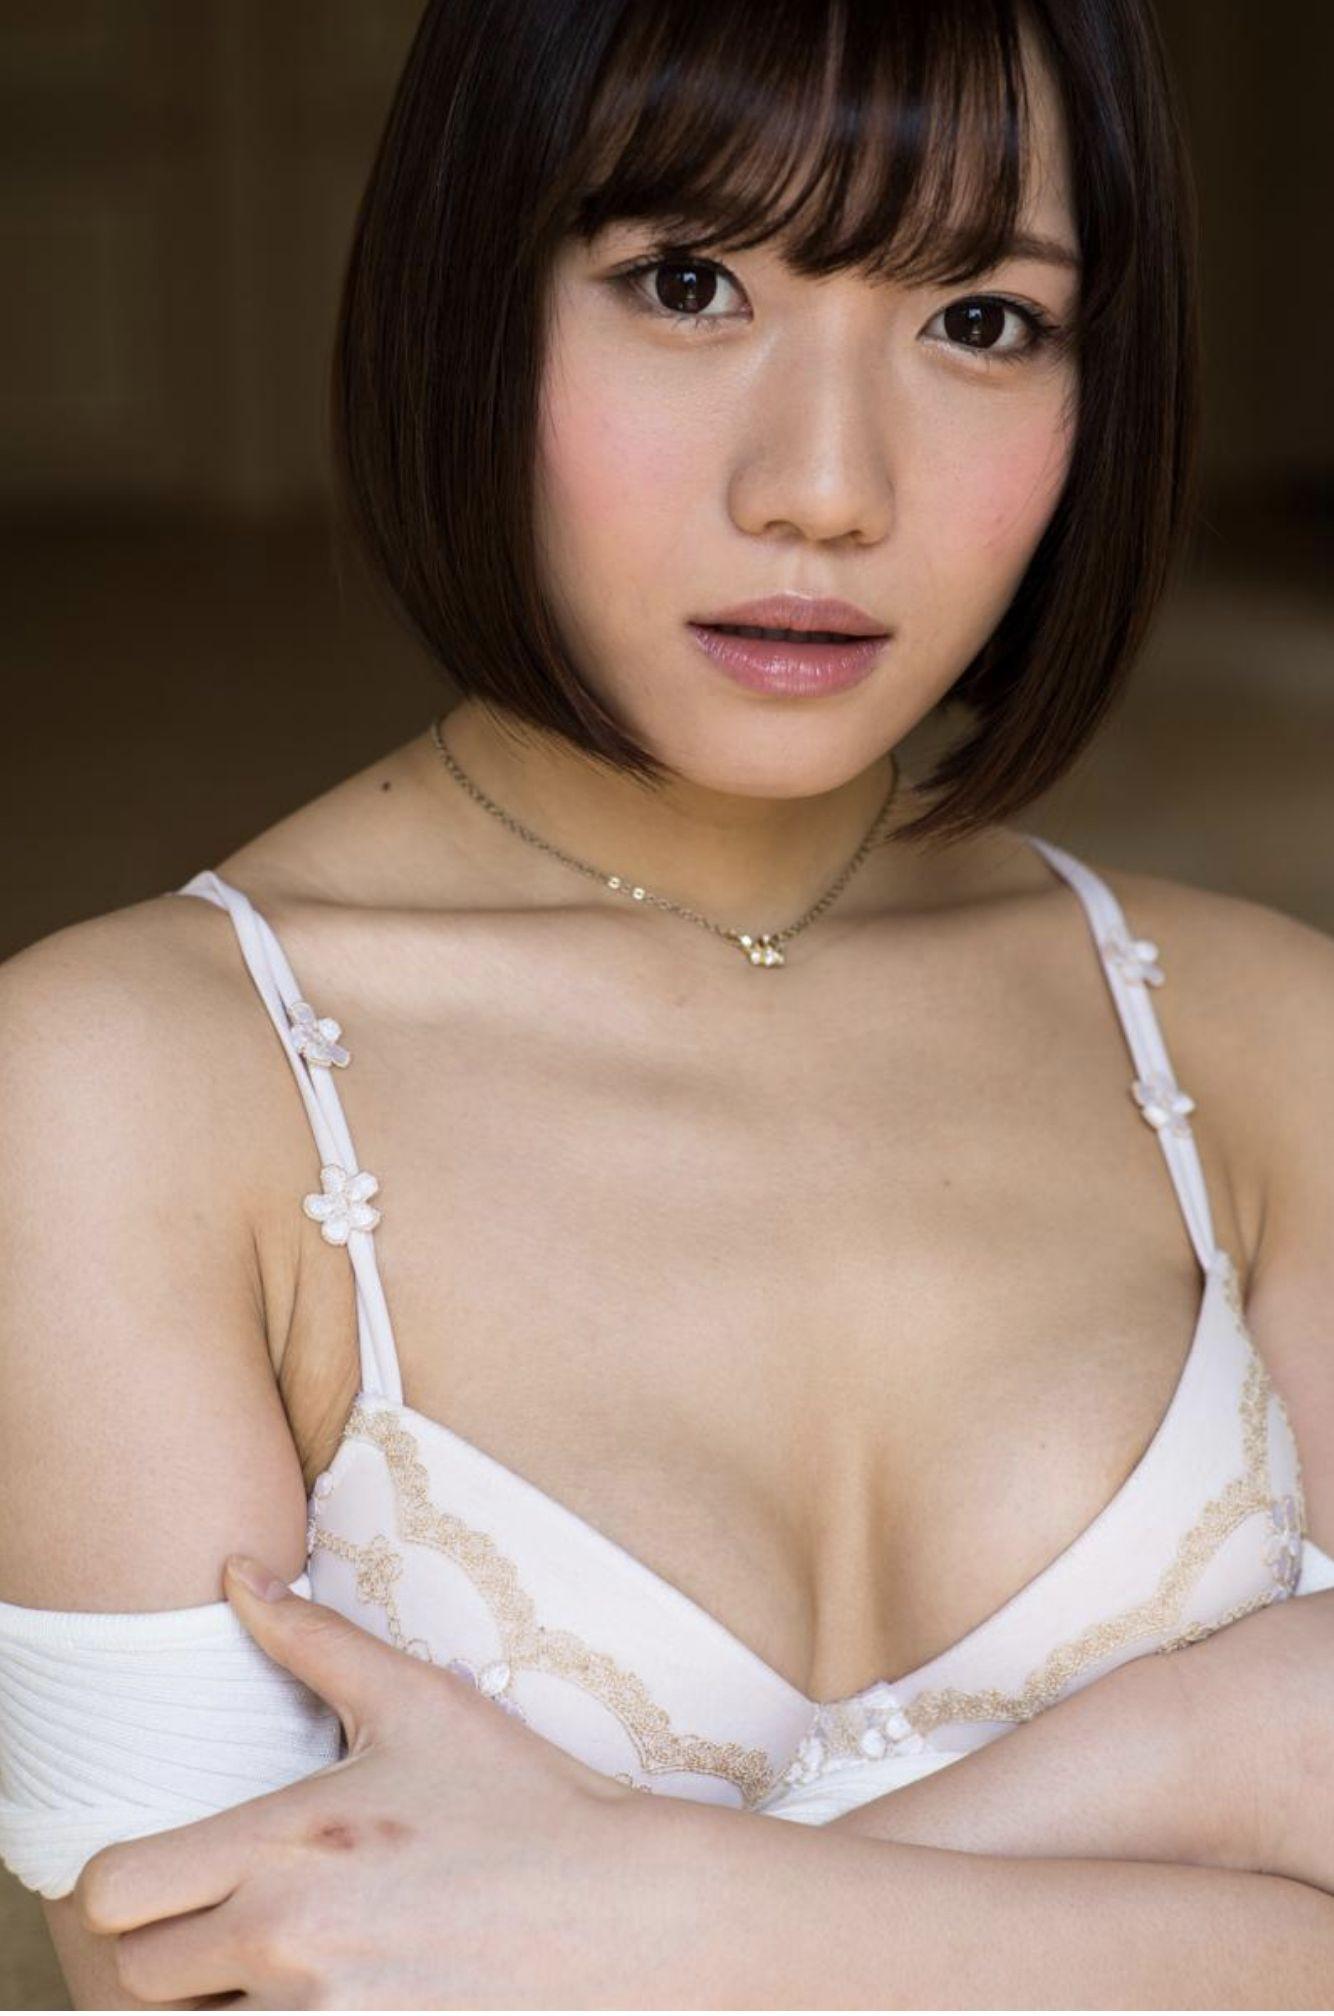 菊川みつ葉 写真集 Hetairai 021